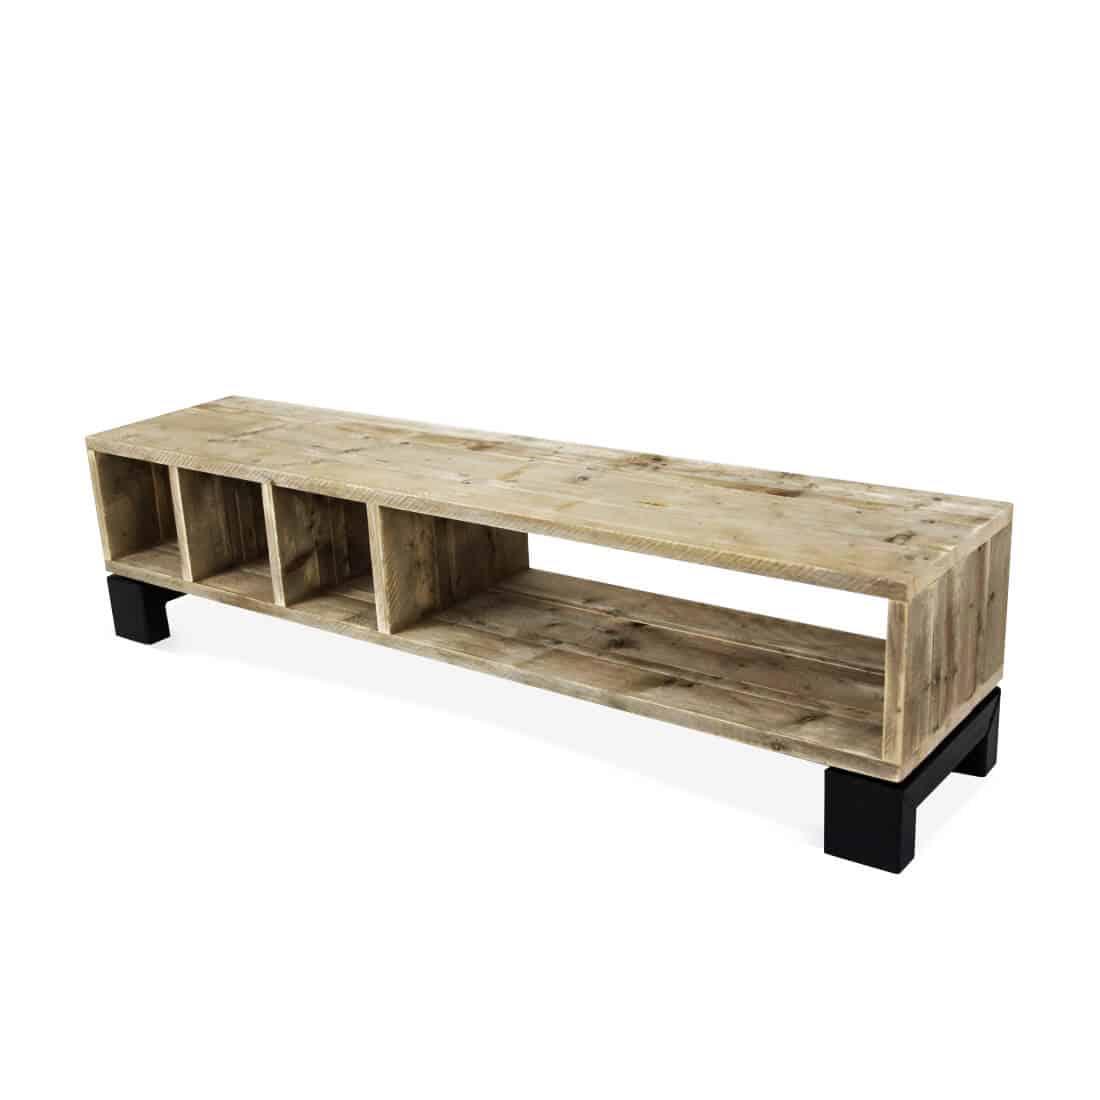 Extreem tv meubel maken van steigerhout ai82 for Steigerhout tv meubel maken